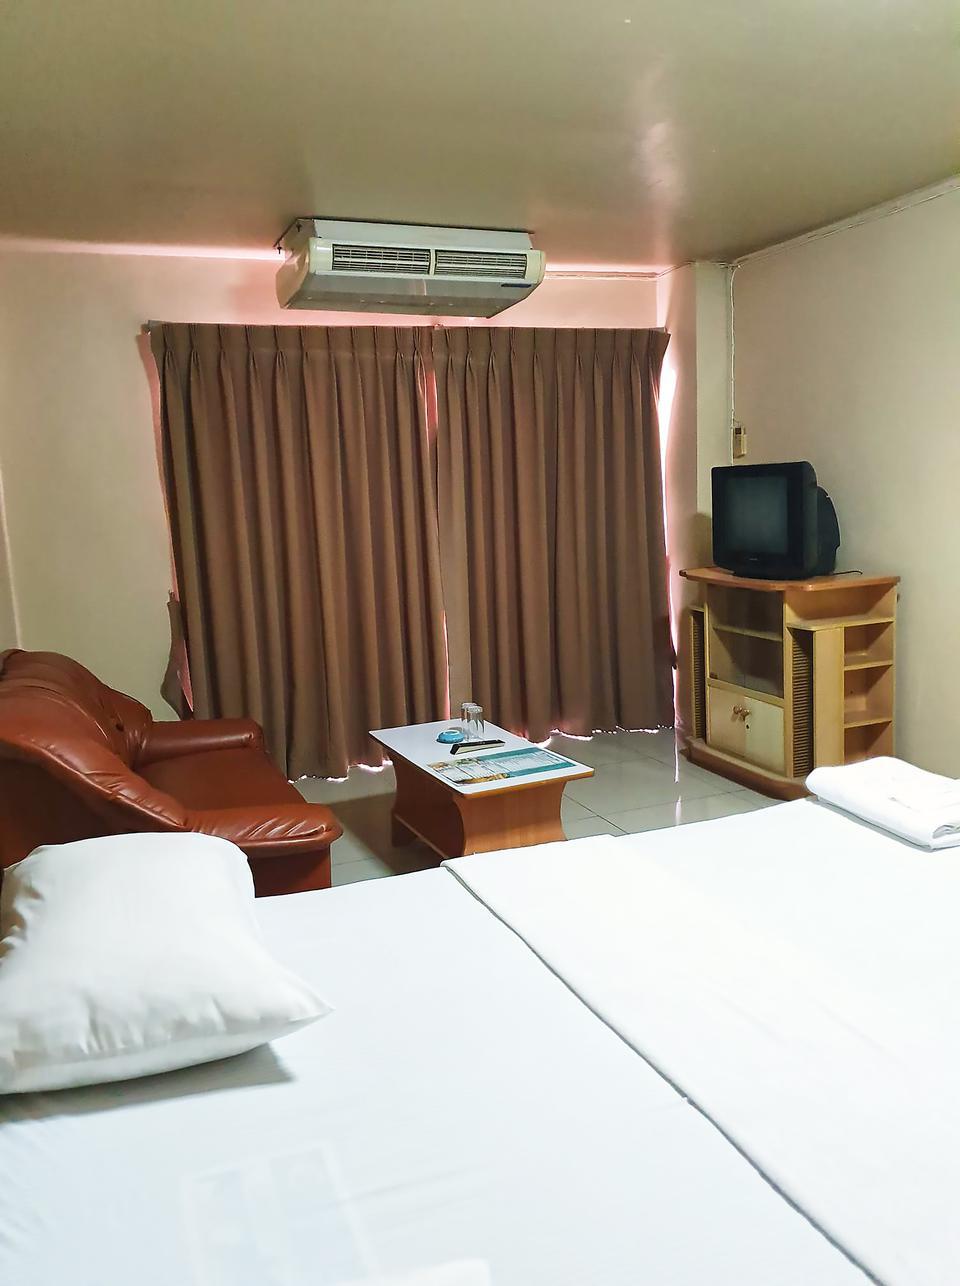 เพียงคืนละ 790 บาท โรงแรมกรุงเทพราคาถูก รูปที่ 4